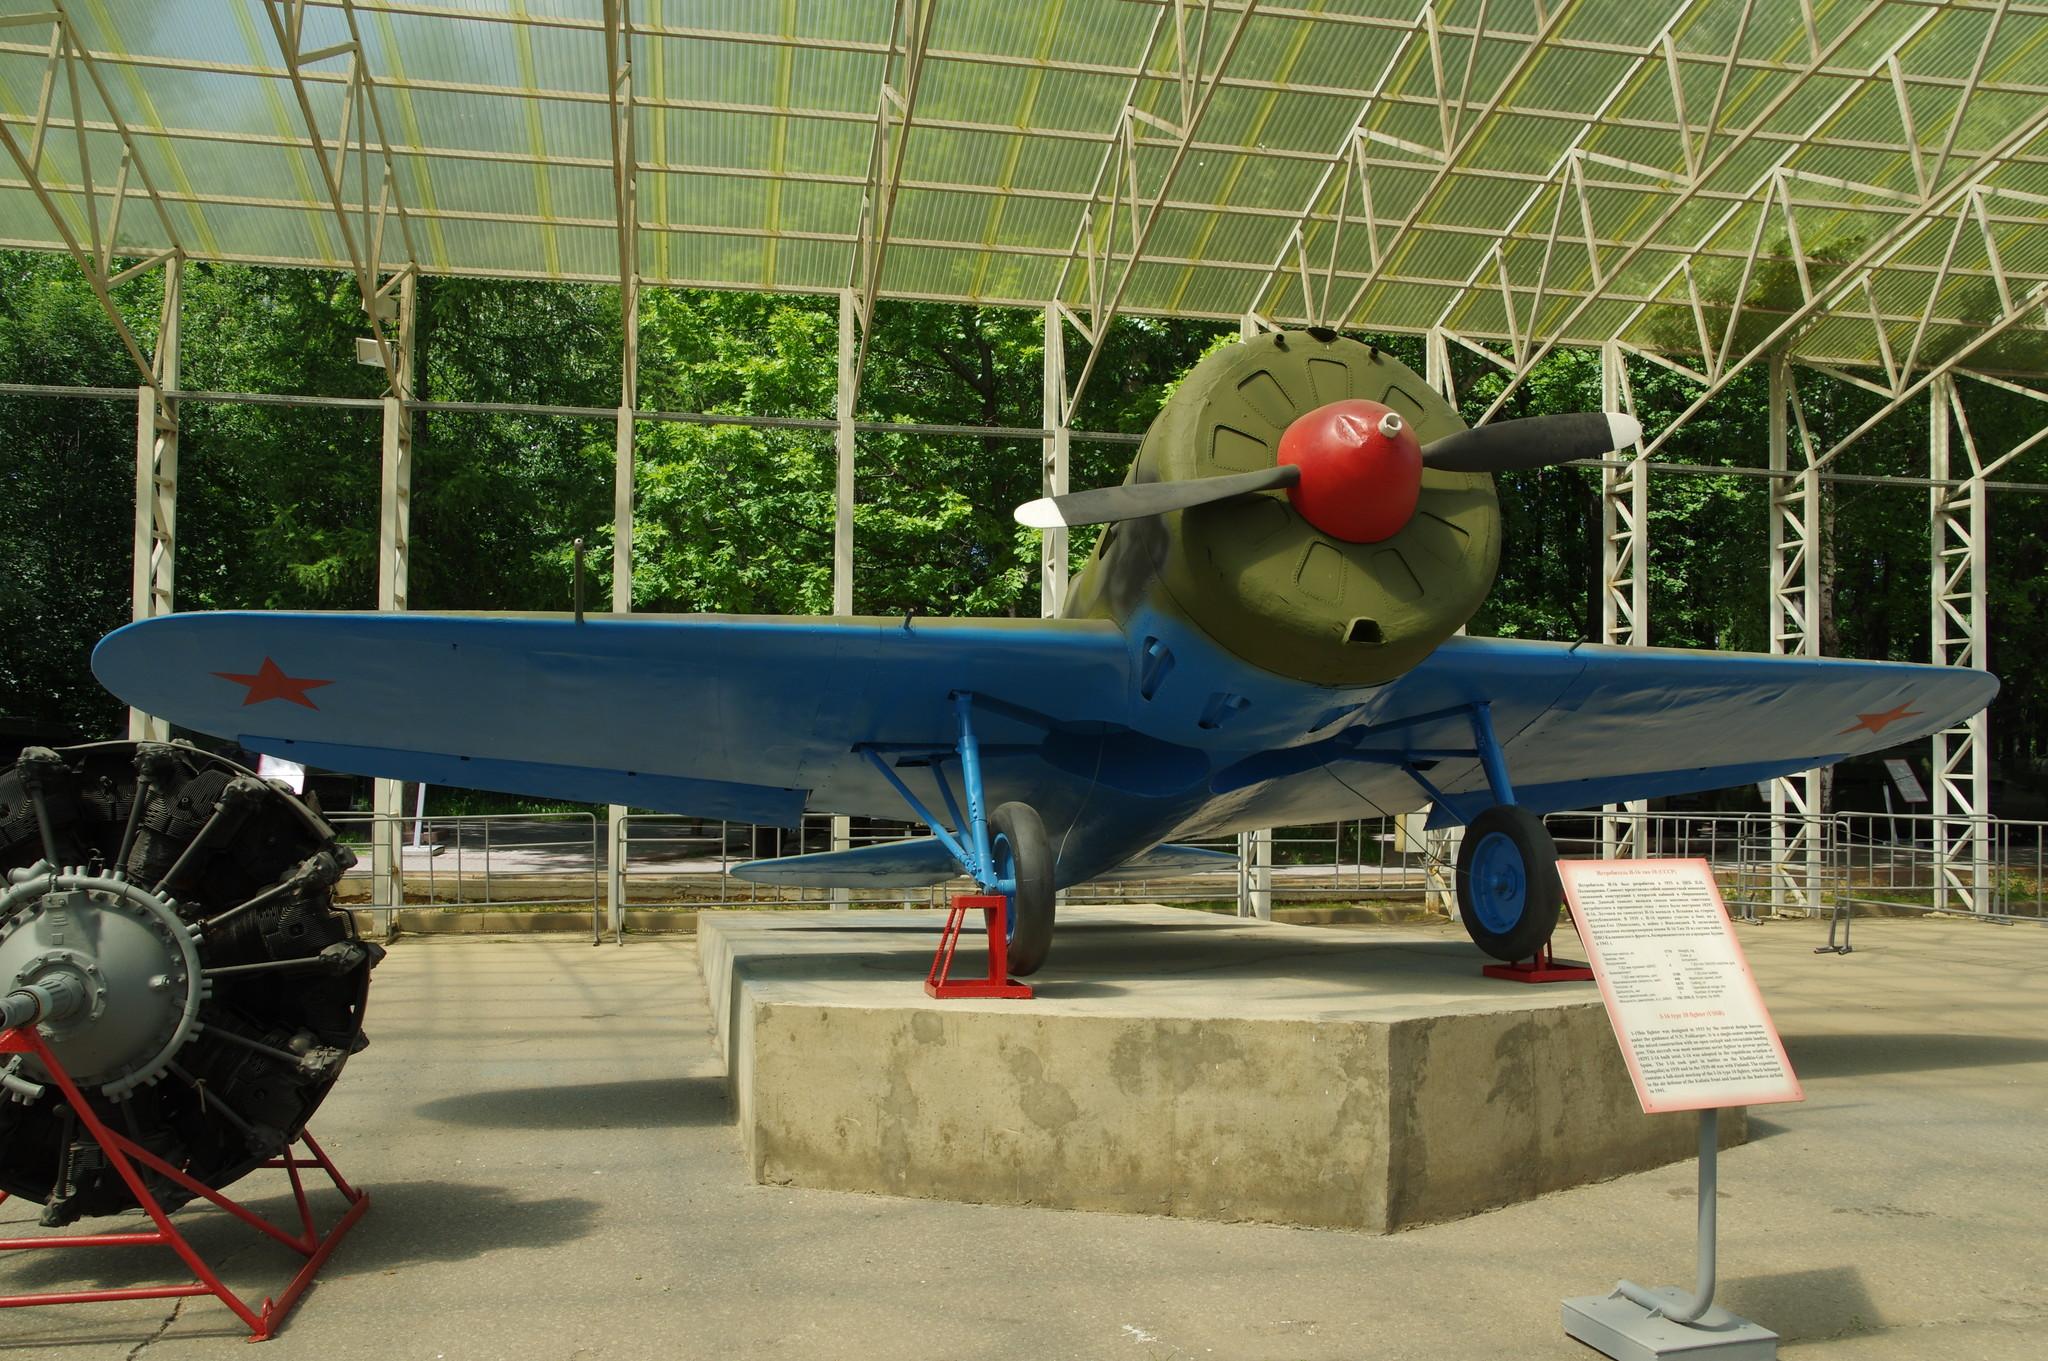 Полноразмерная копия истребителя И-16 тип 10 базировавшегося на аэродроме Будово в 1941 г.